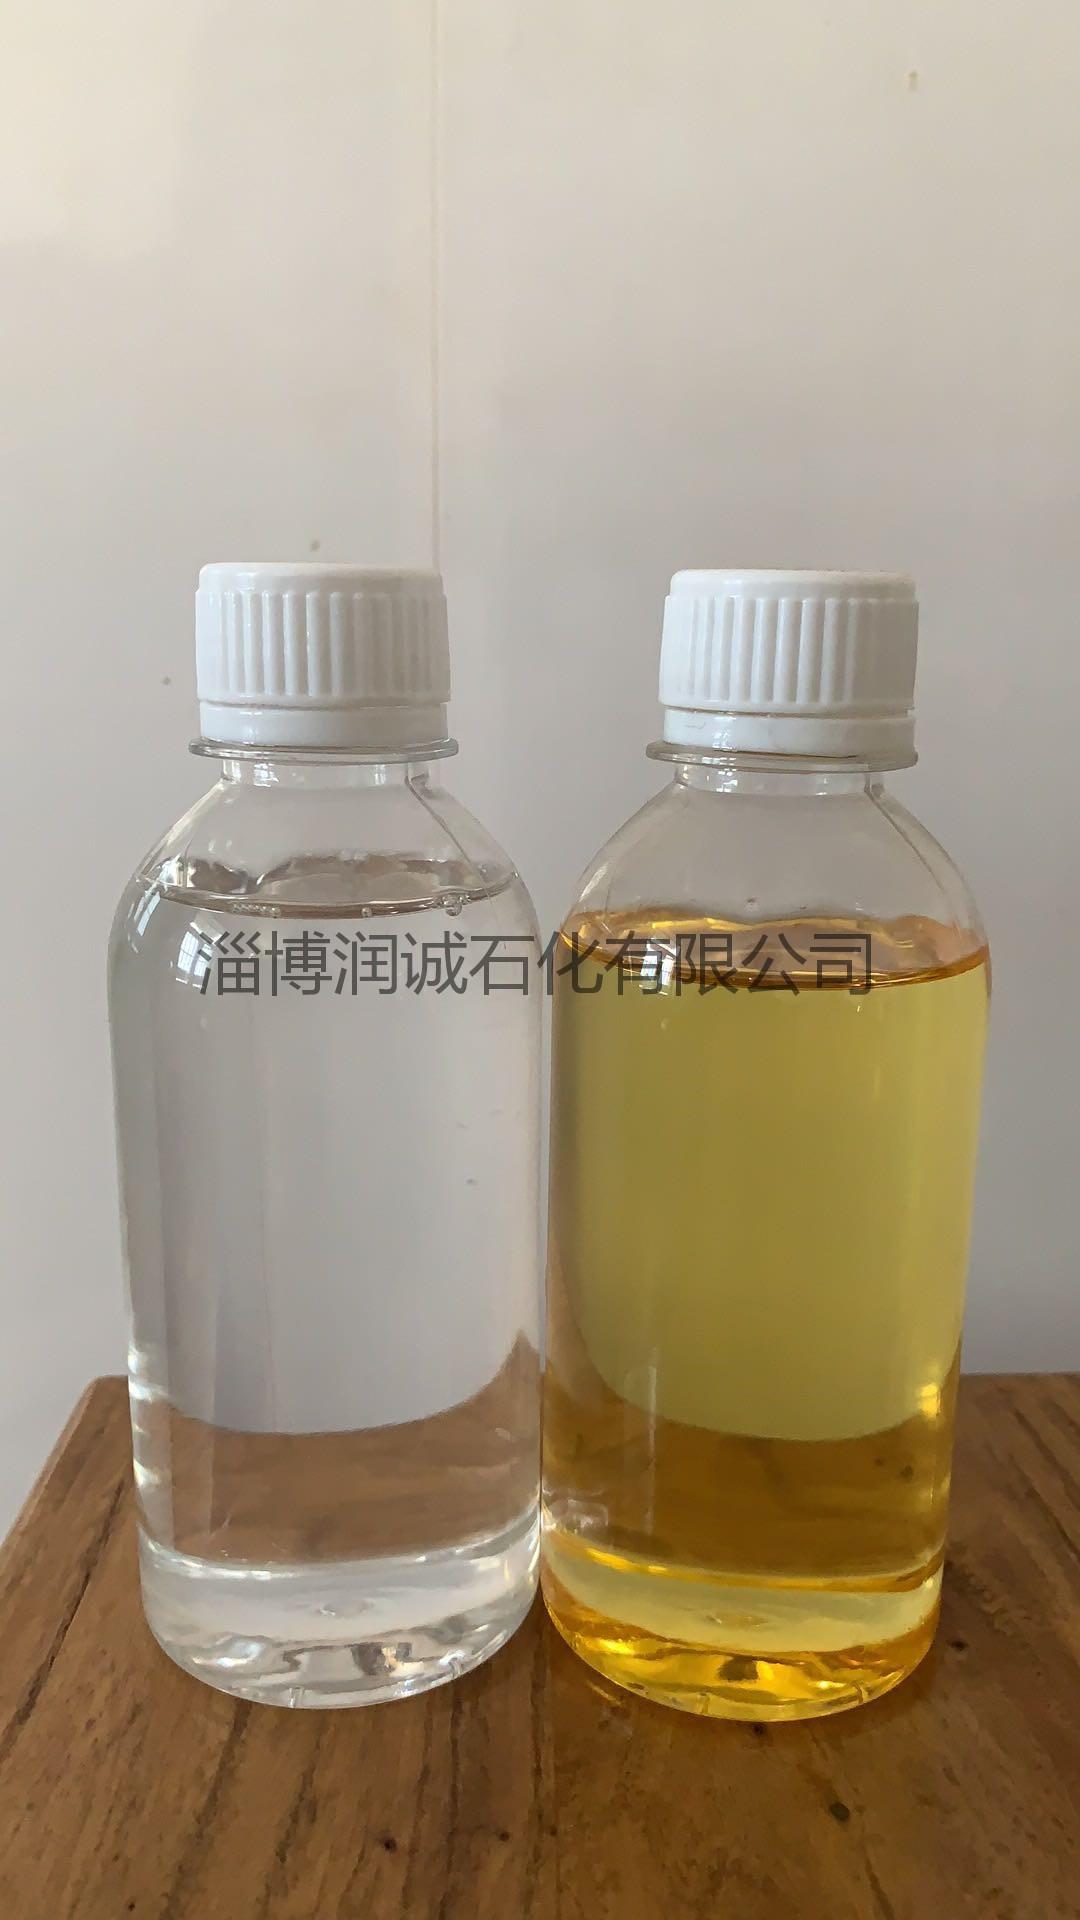 淄博哪里有导热油制造商_长城导热油320相关-淄博润诚石化有限公司